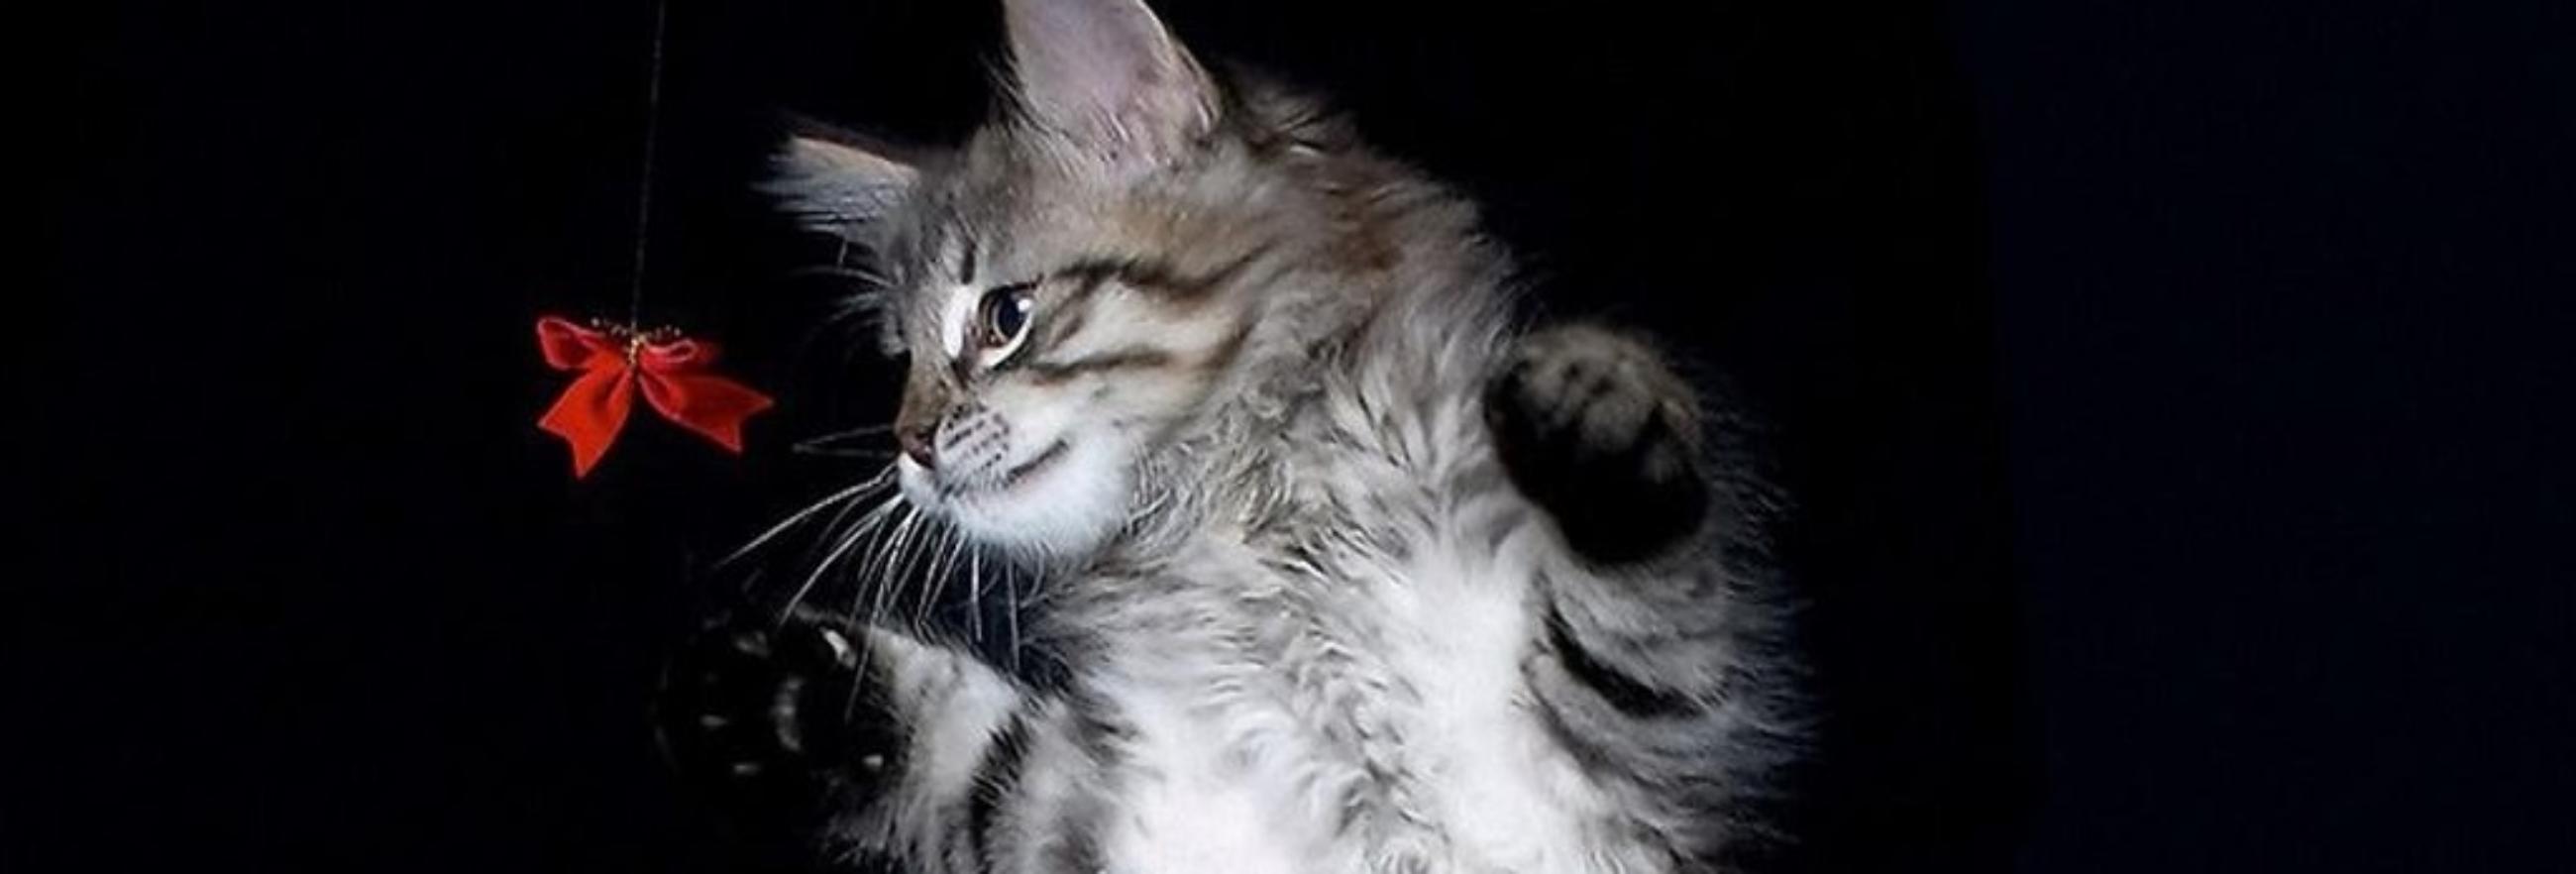 gatto con farfalla slide